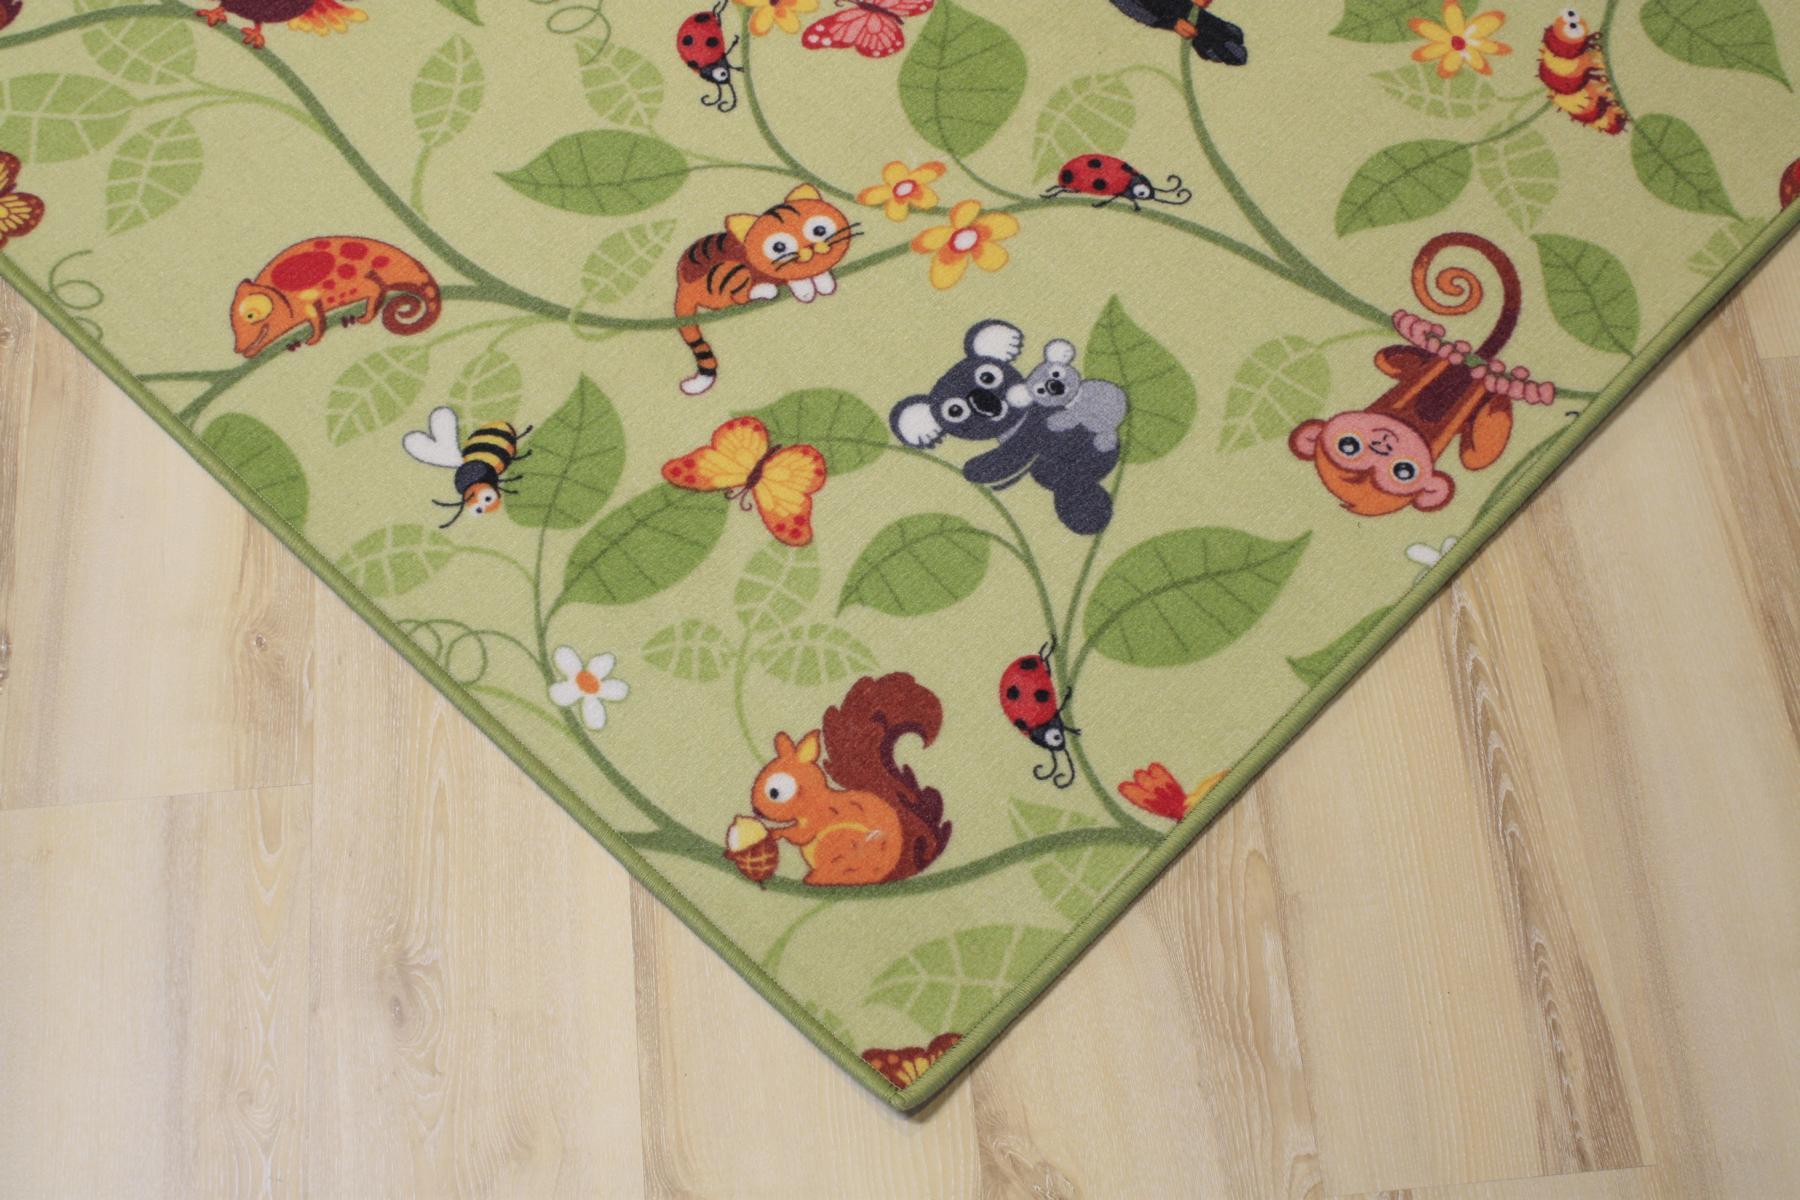 Teppichboden kinderzimmer grün  Kinder Teppich Spielteppich Jungle Velours grün 200x150 cm ...